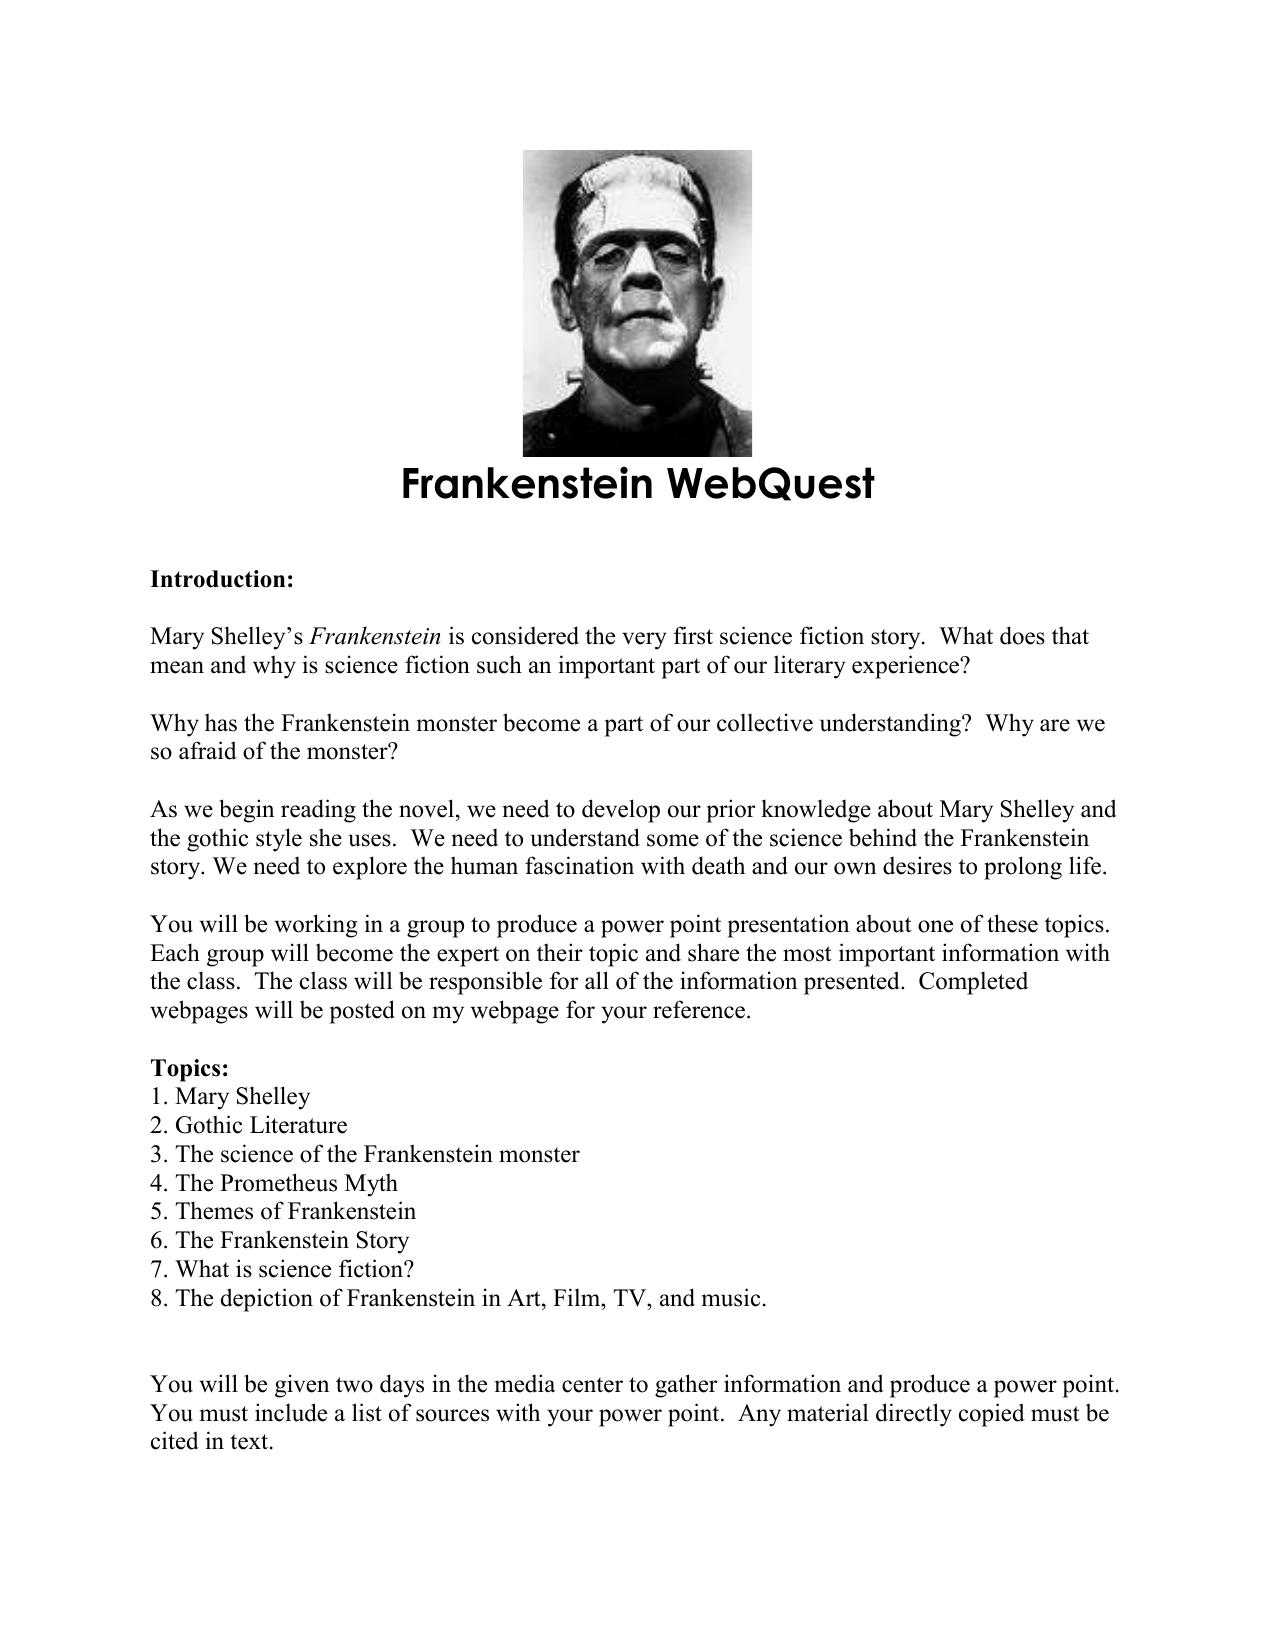 Frankenstein essay topics